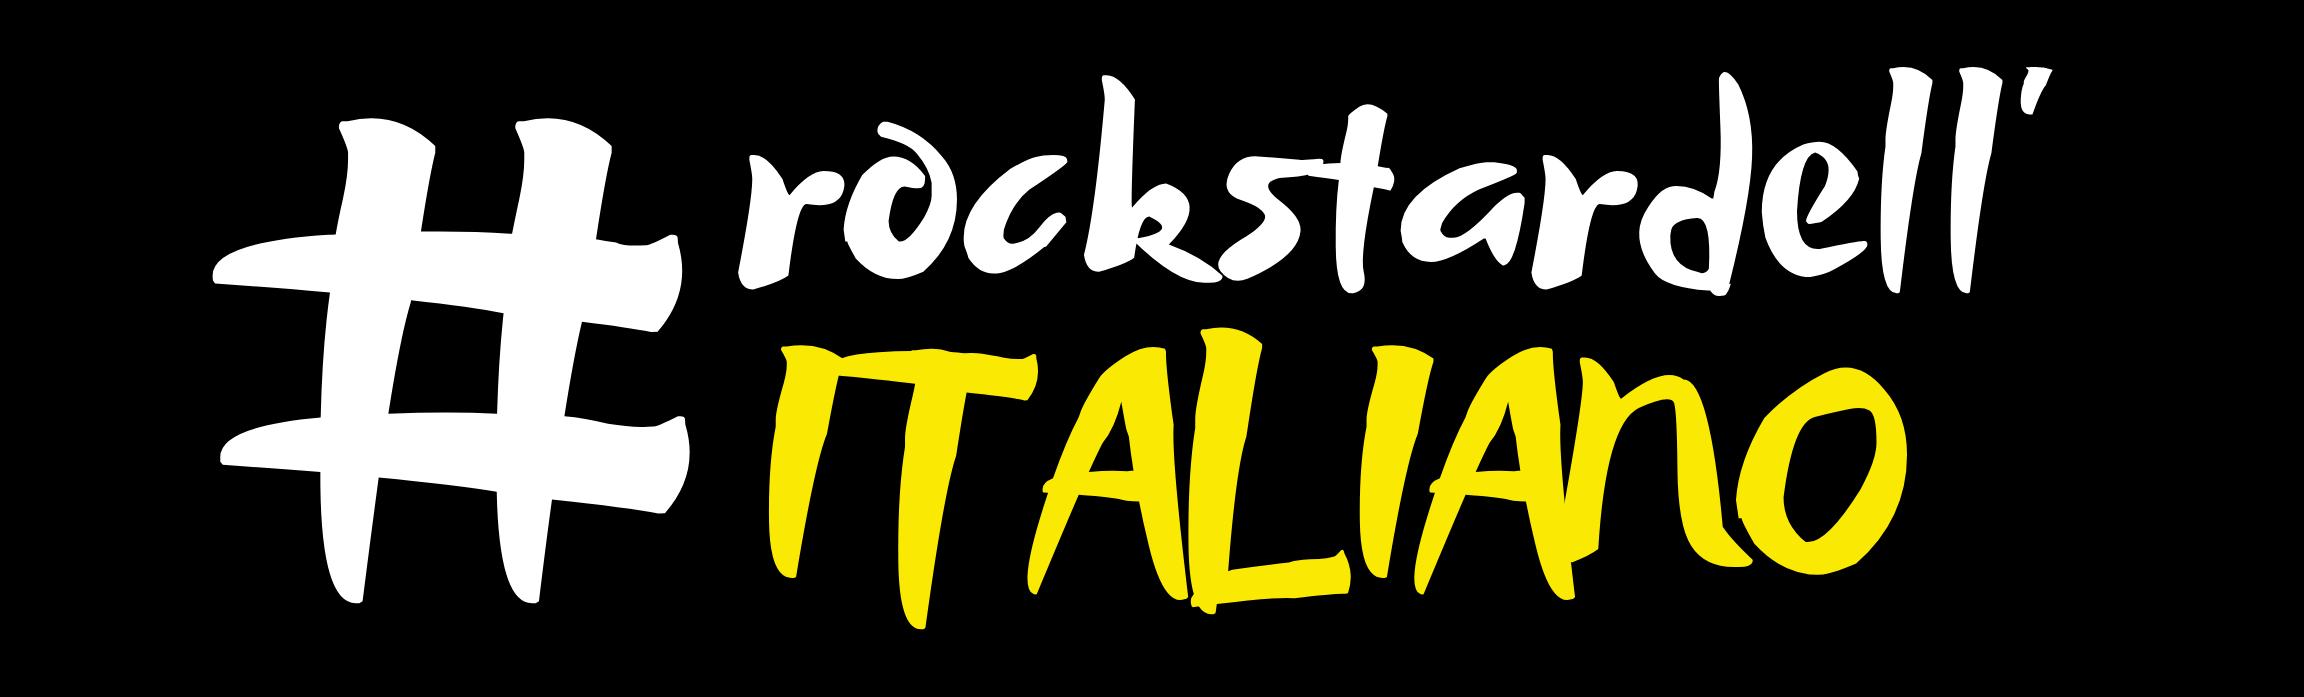 Rockstar dell'italiano - The Italian Coach